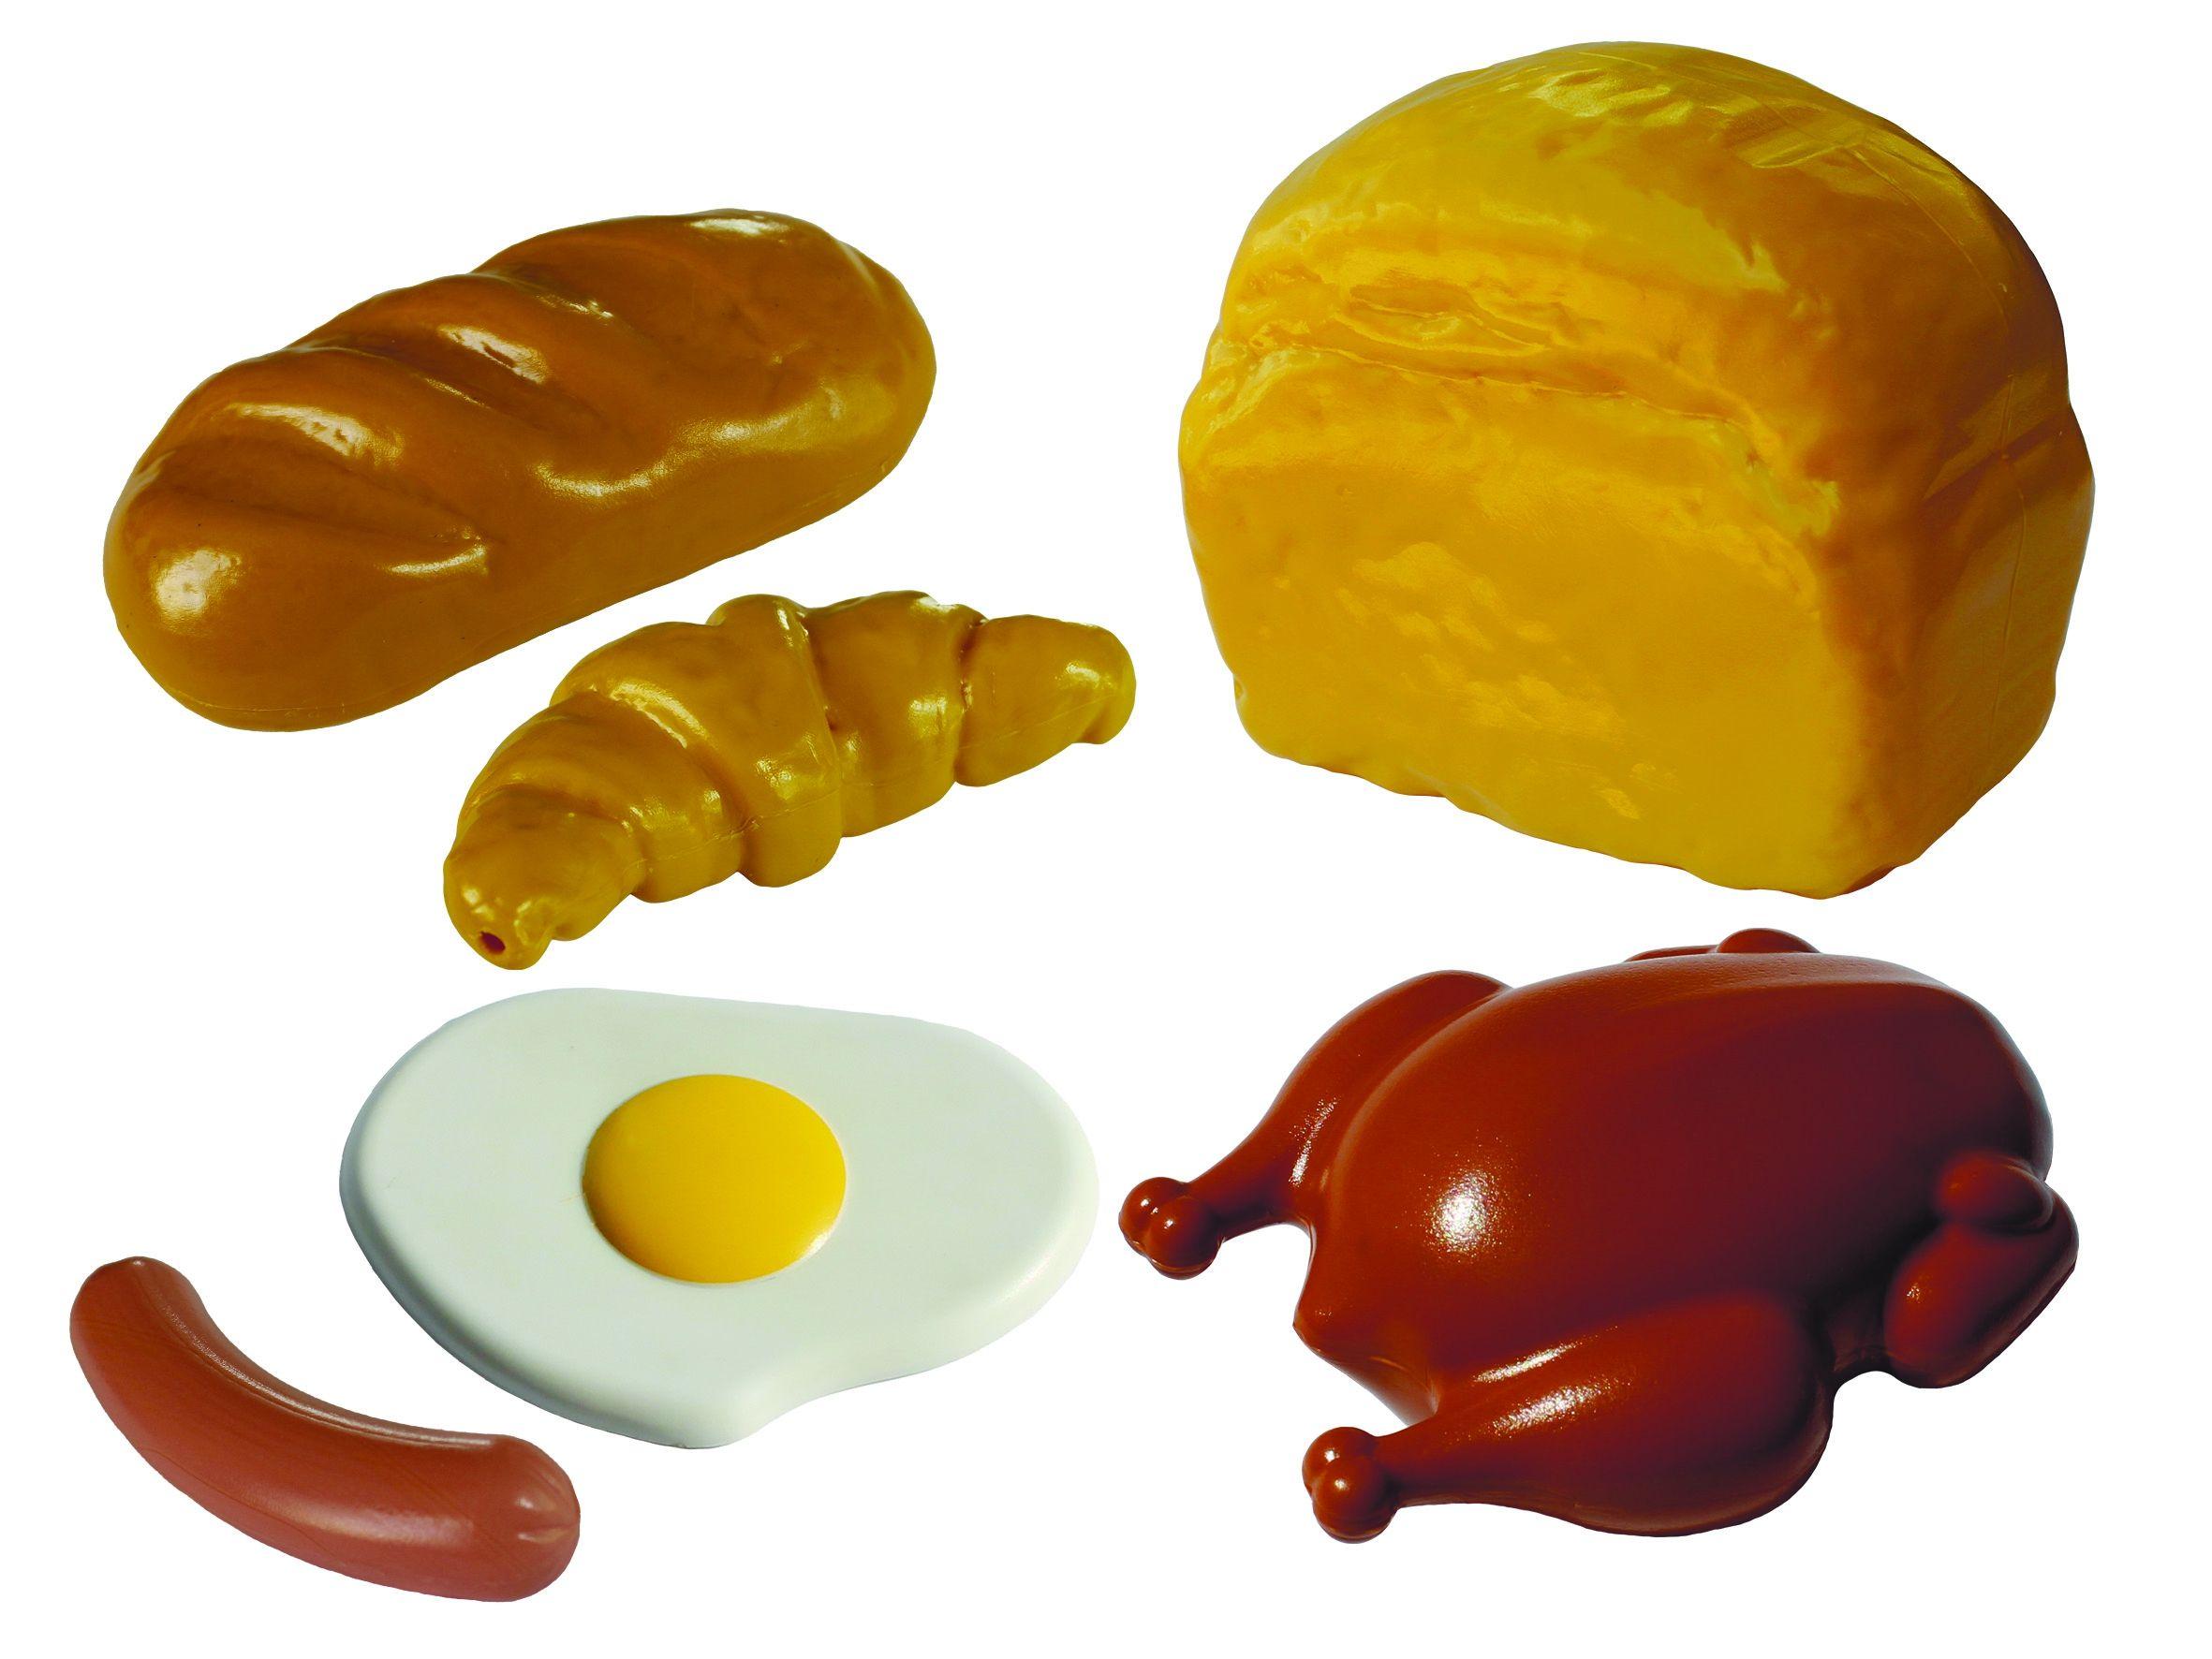 Картинки с продуктами питания для детского сада, надписью скидки